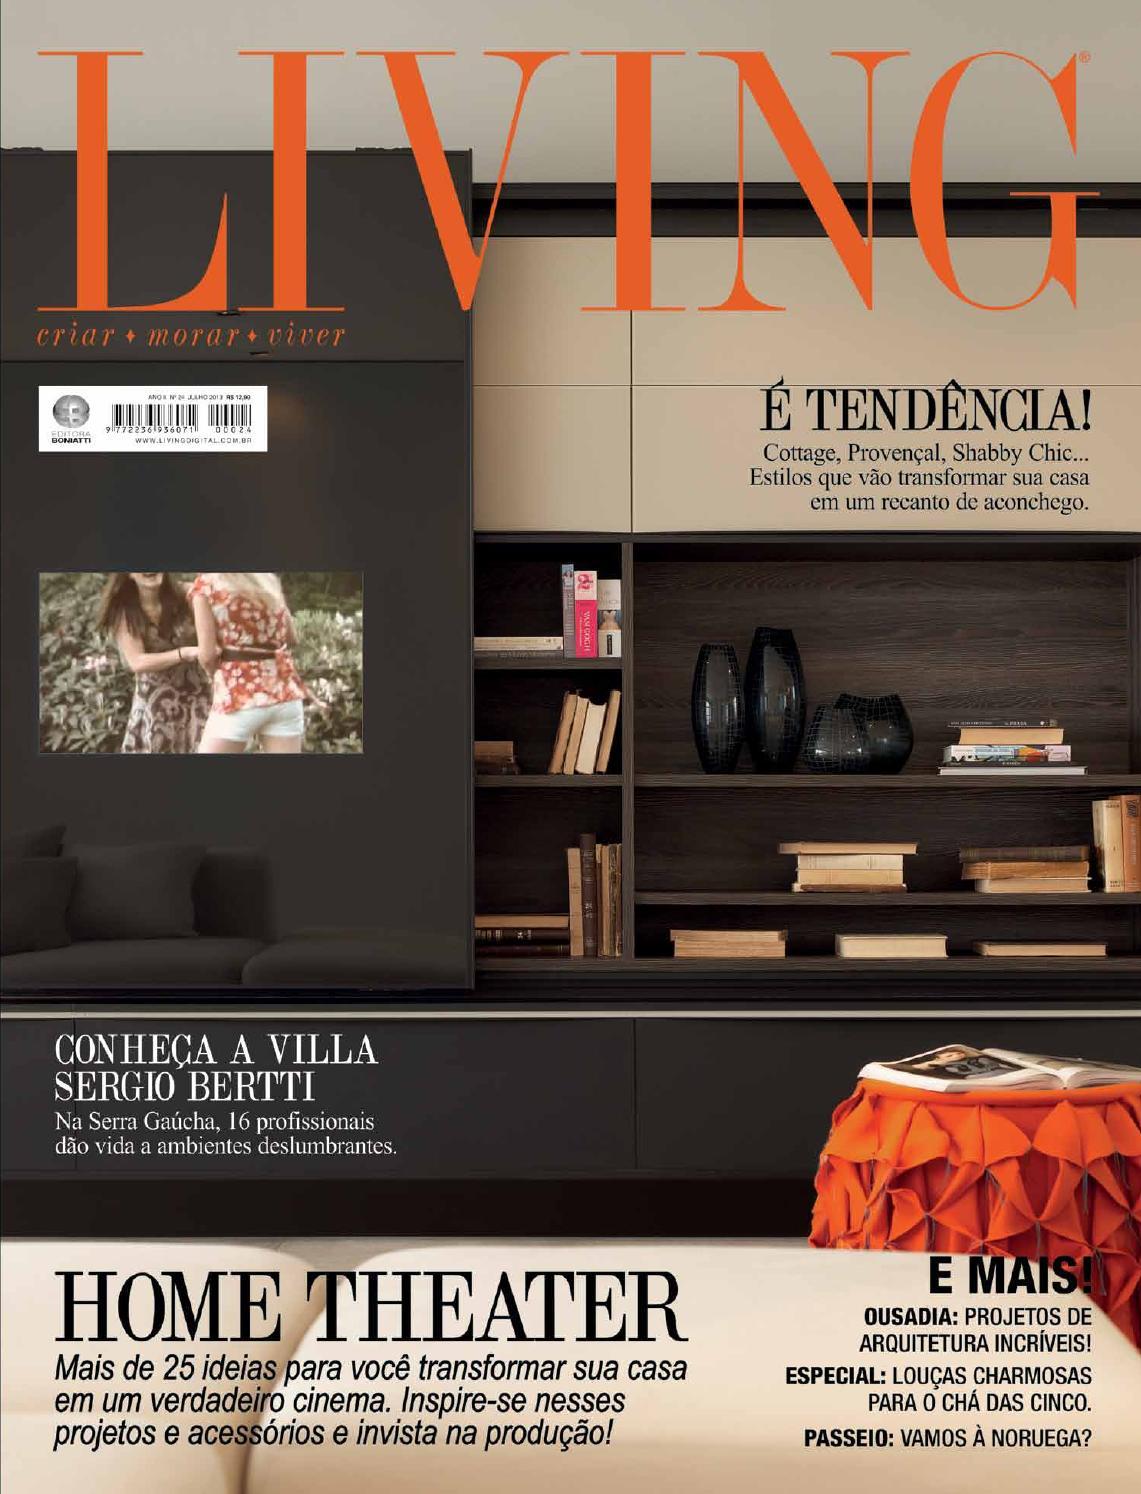 d1866bc0743c2 Revista Living - Edição nº 24 - Julho de 2013 by Revista Living - issuu